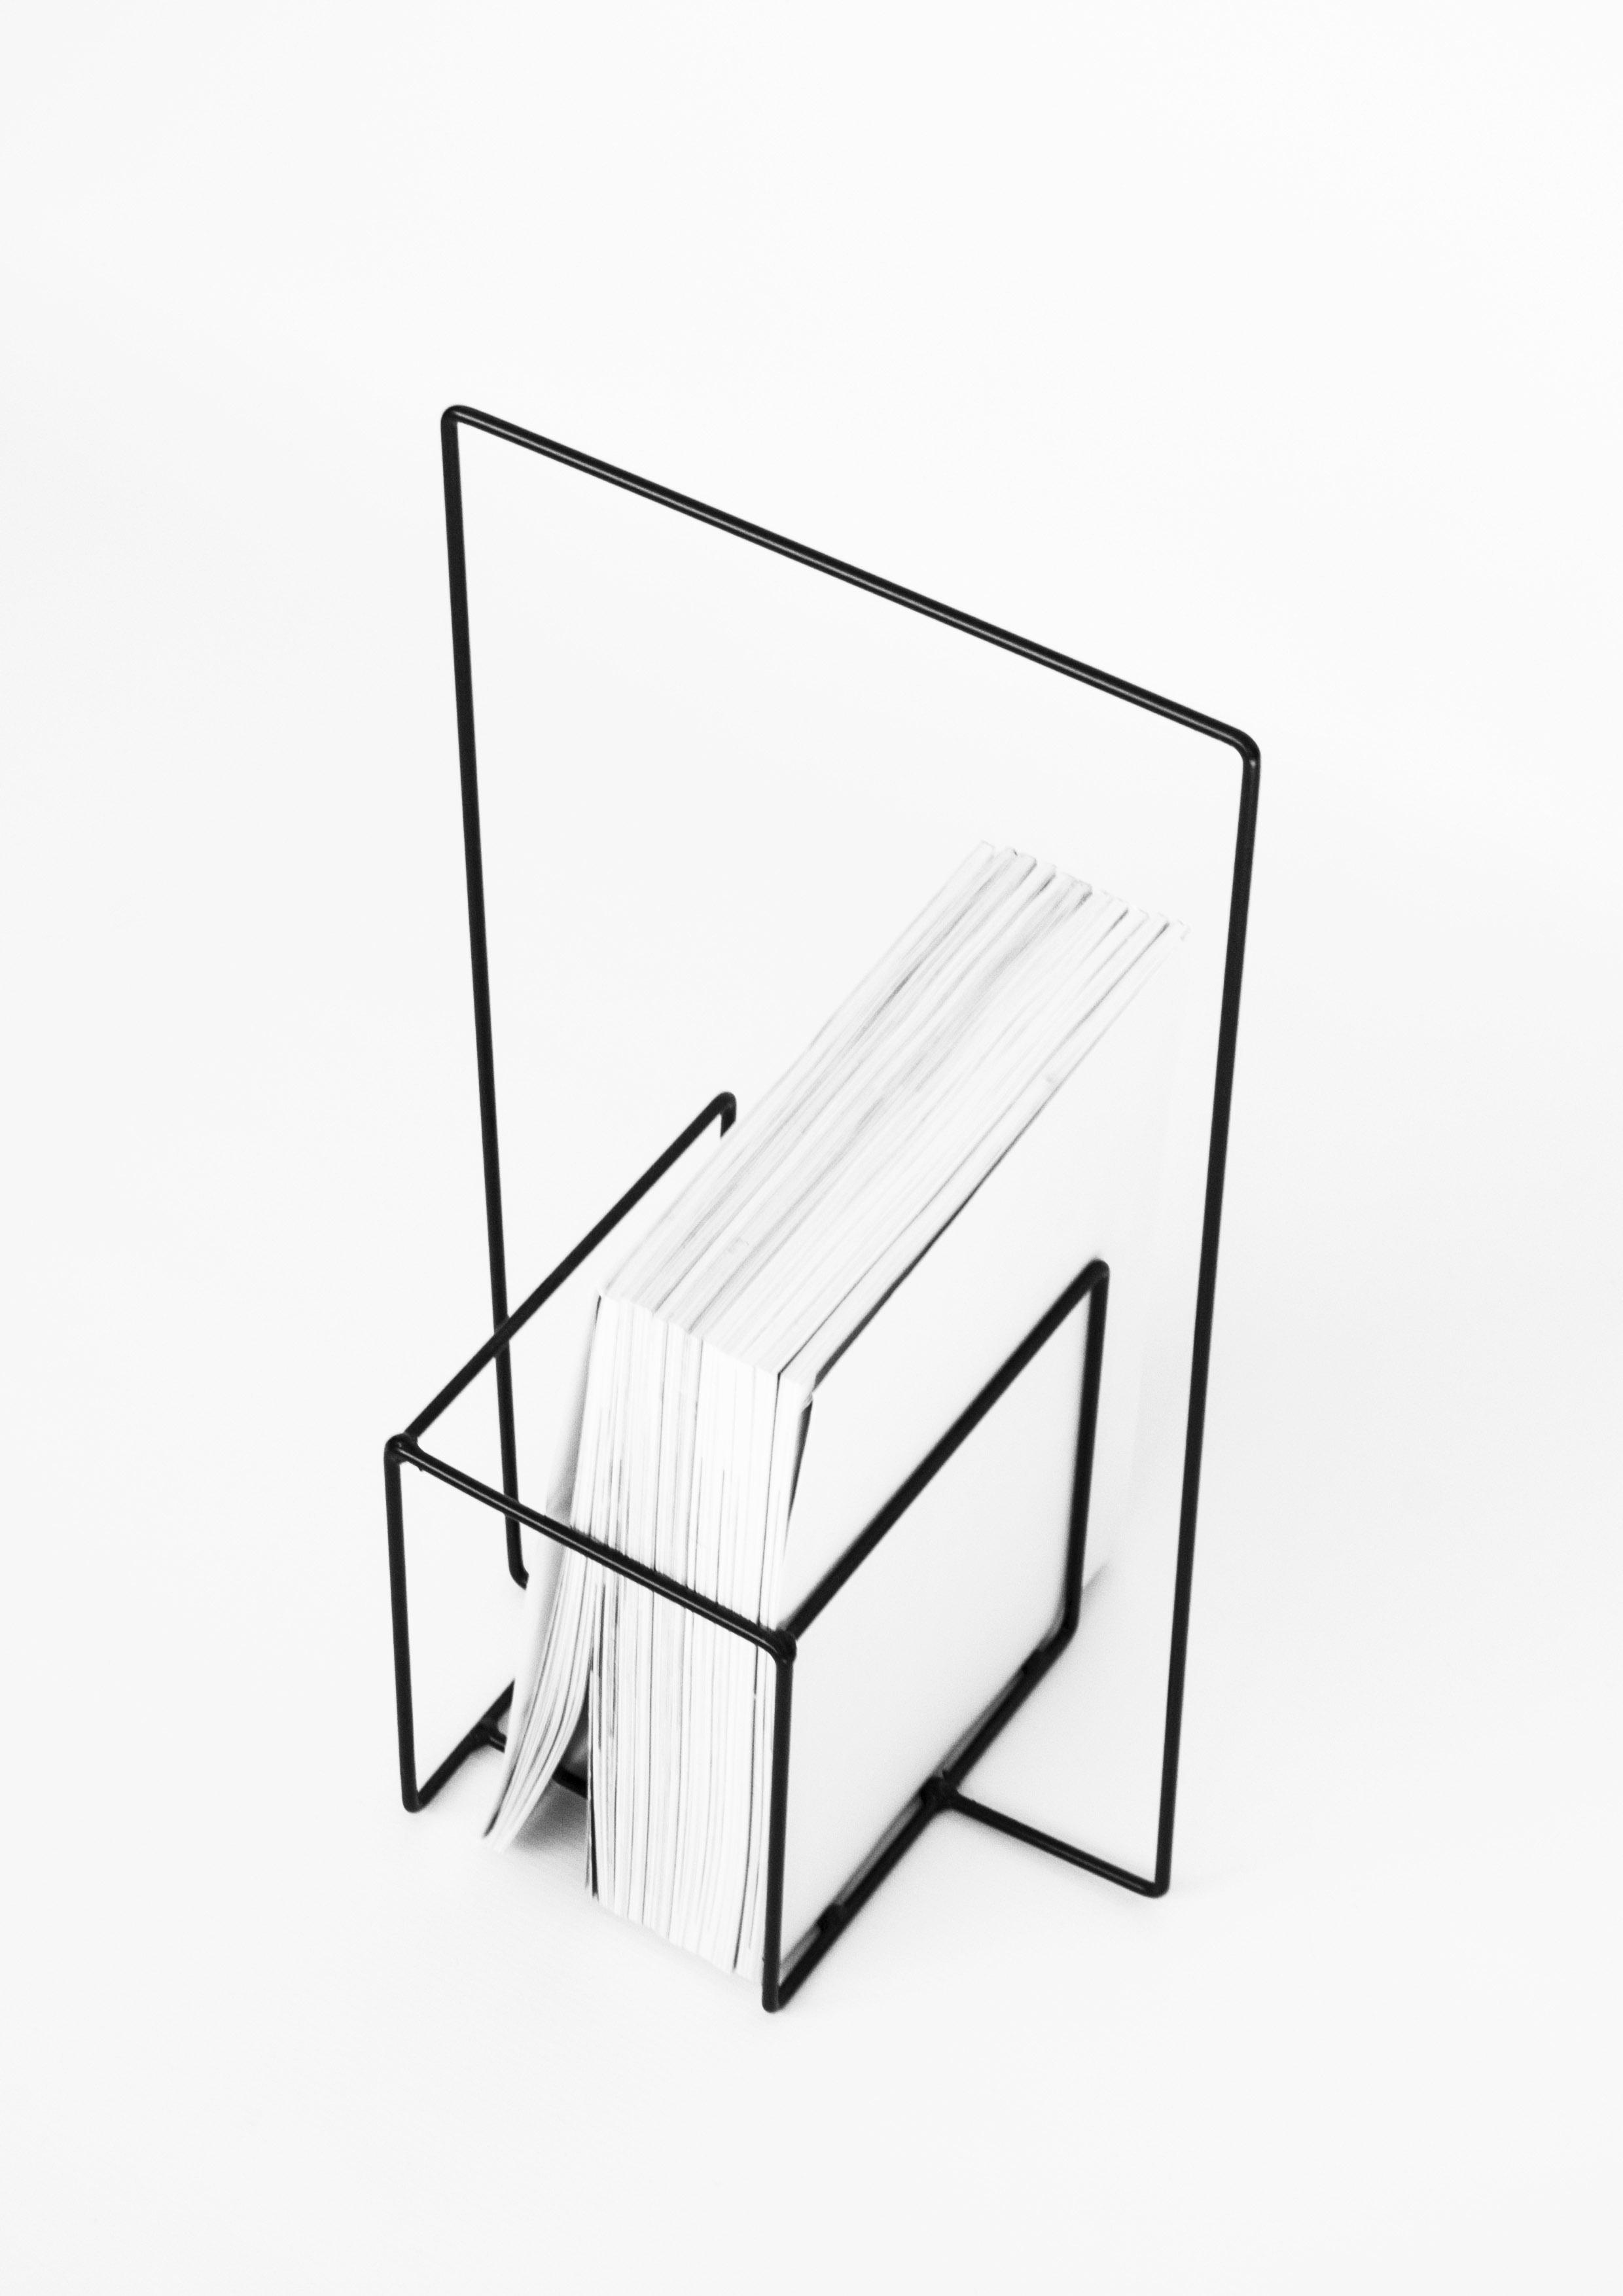 Minus magazine stand